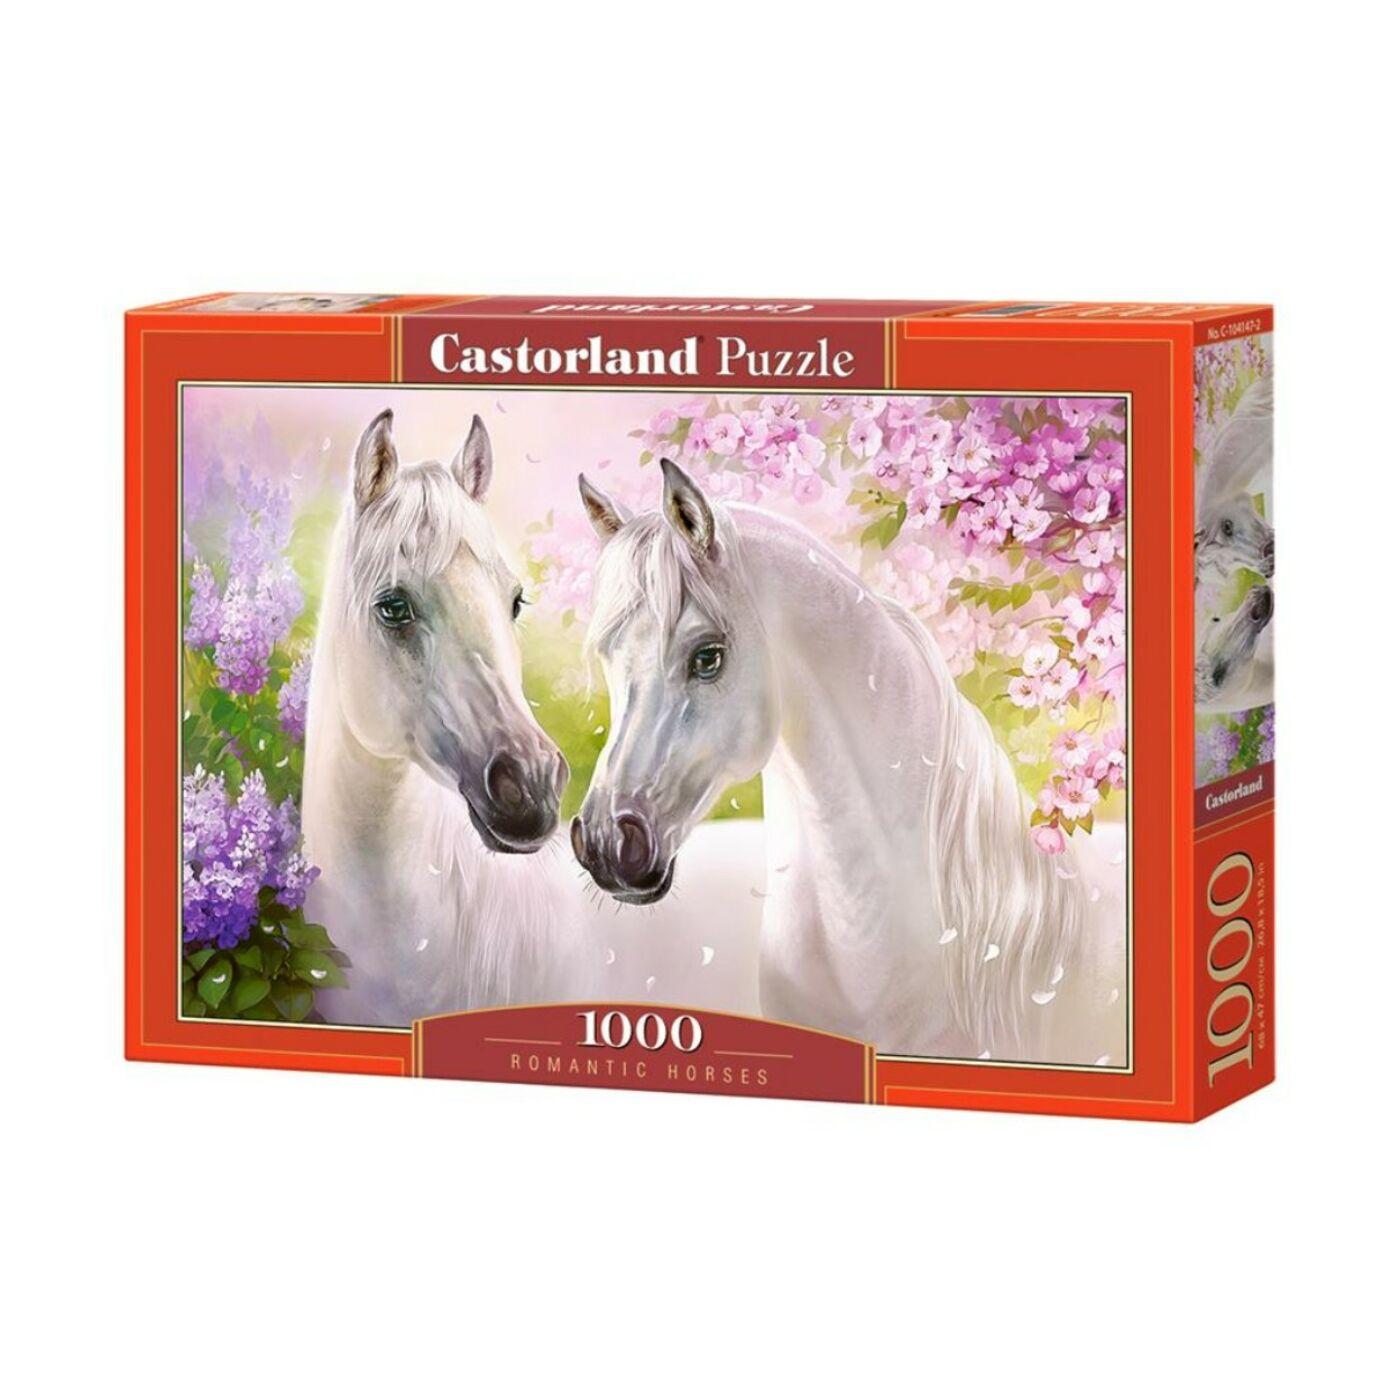 1000 db-os Castorland Puzzle - Romantikázó lovak